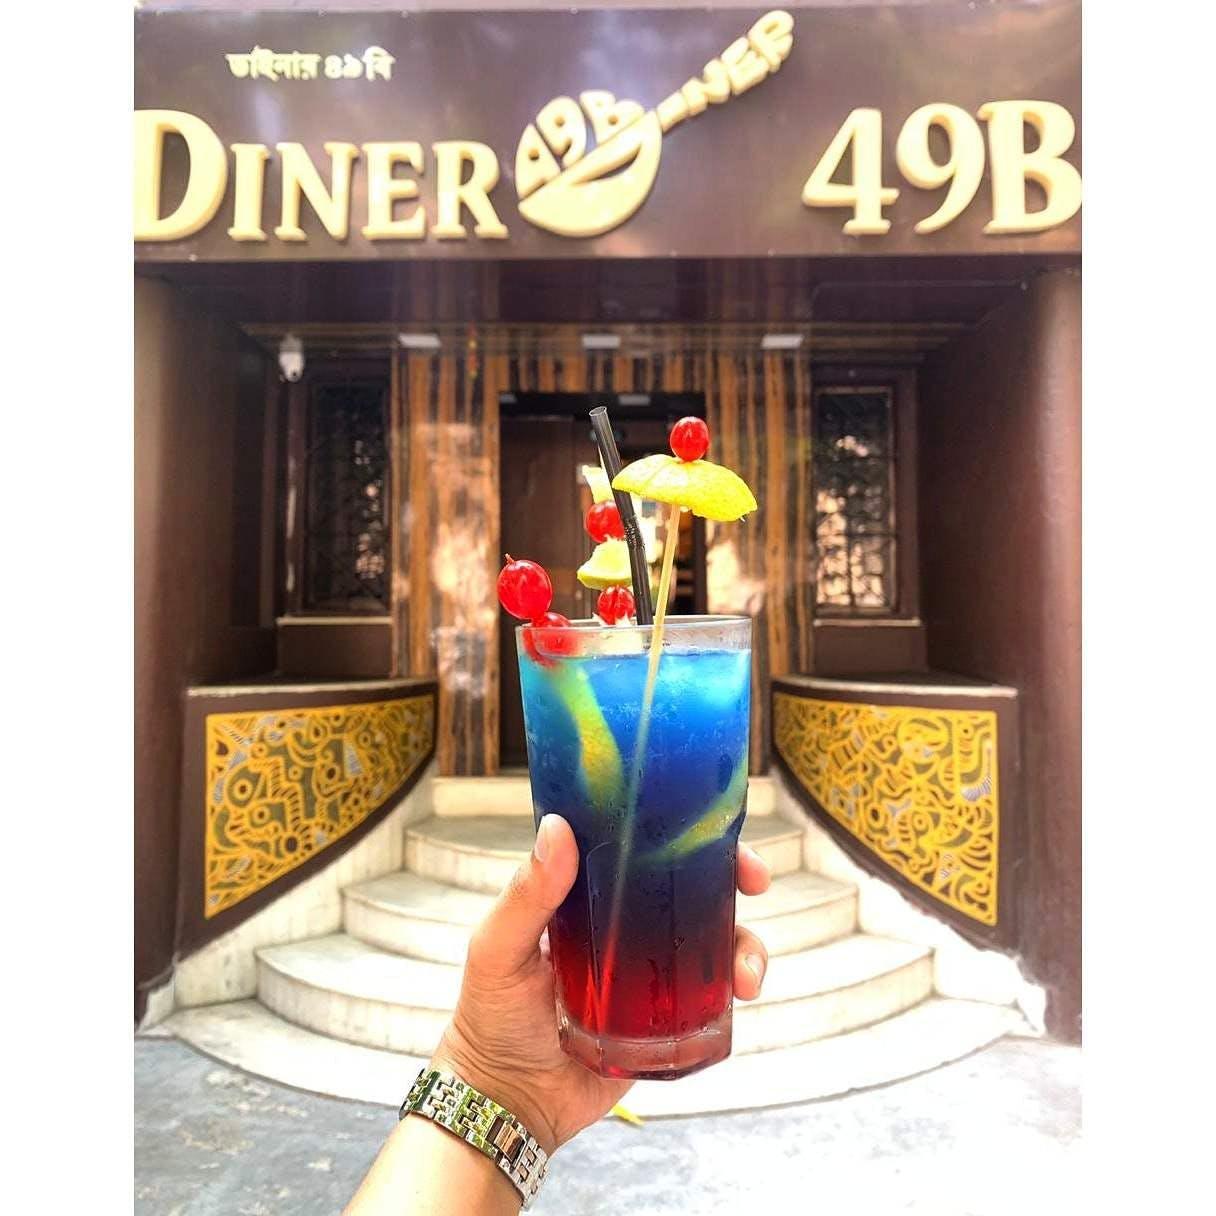 image - Diner 49B